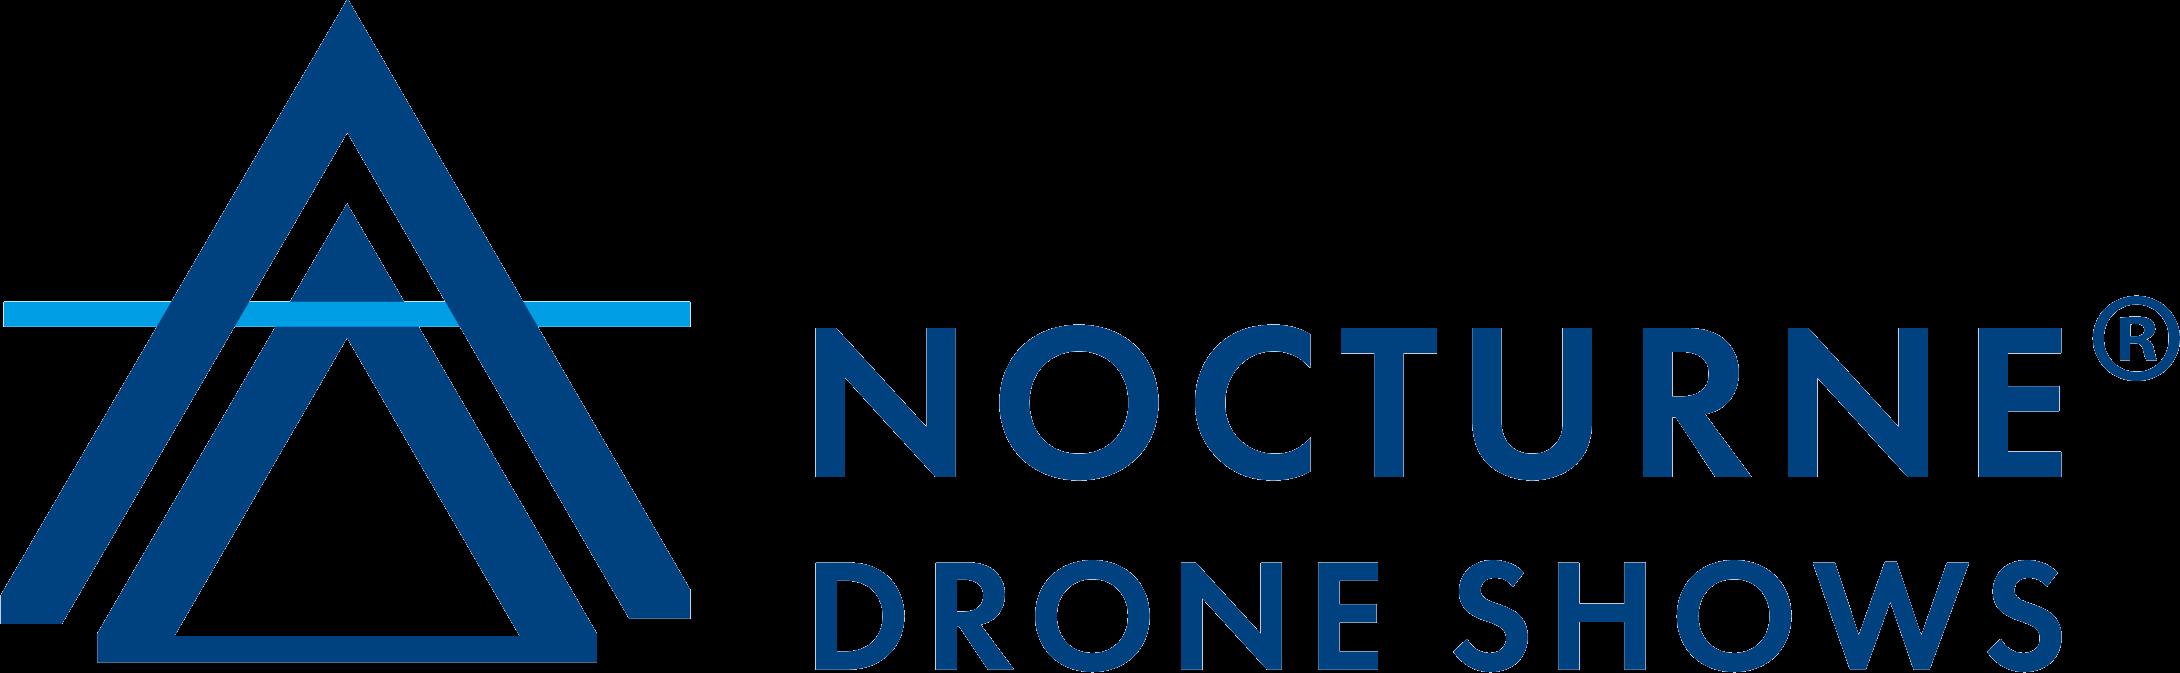 nocturne-drones.aero